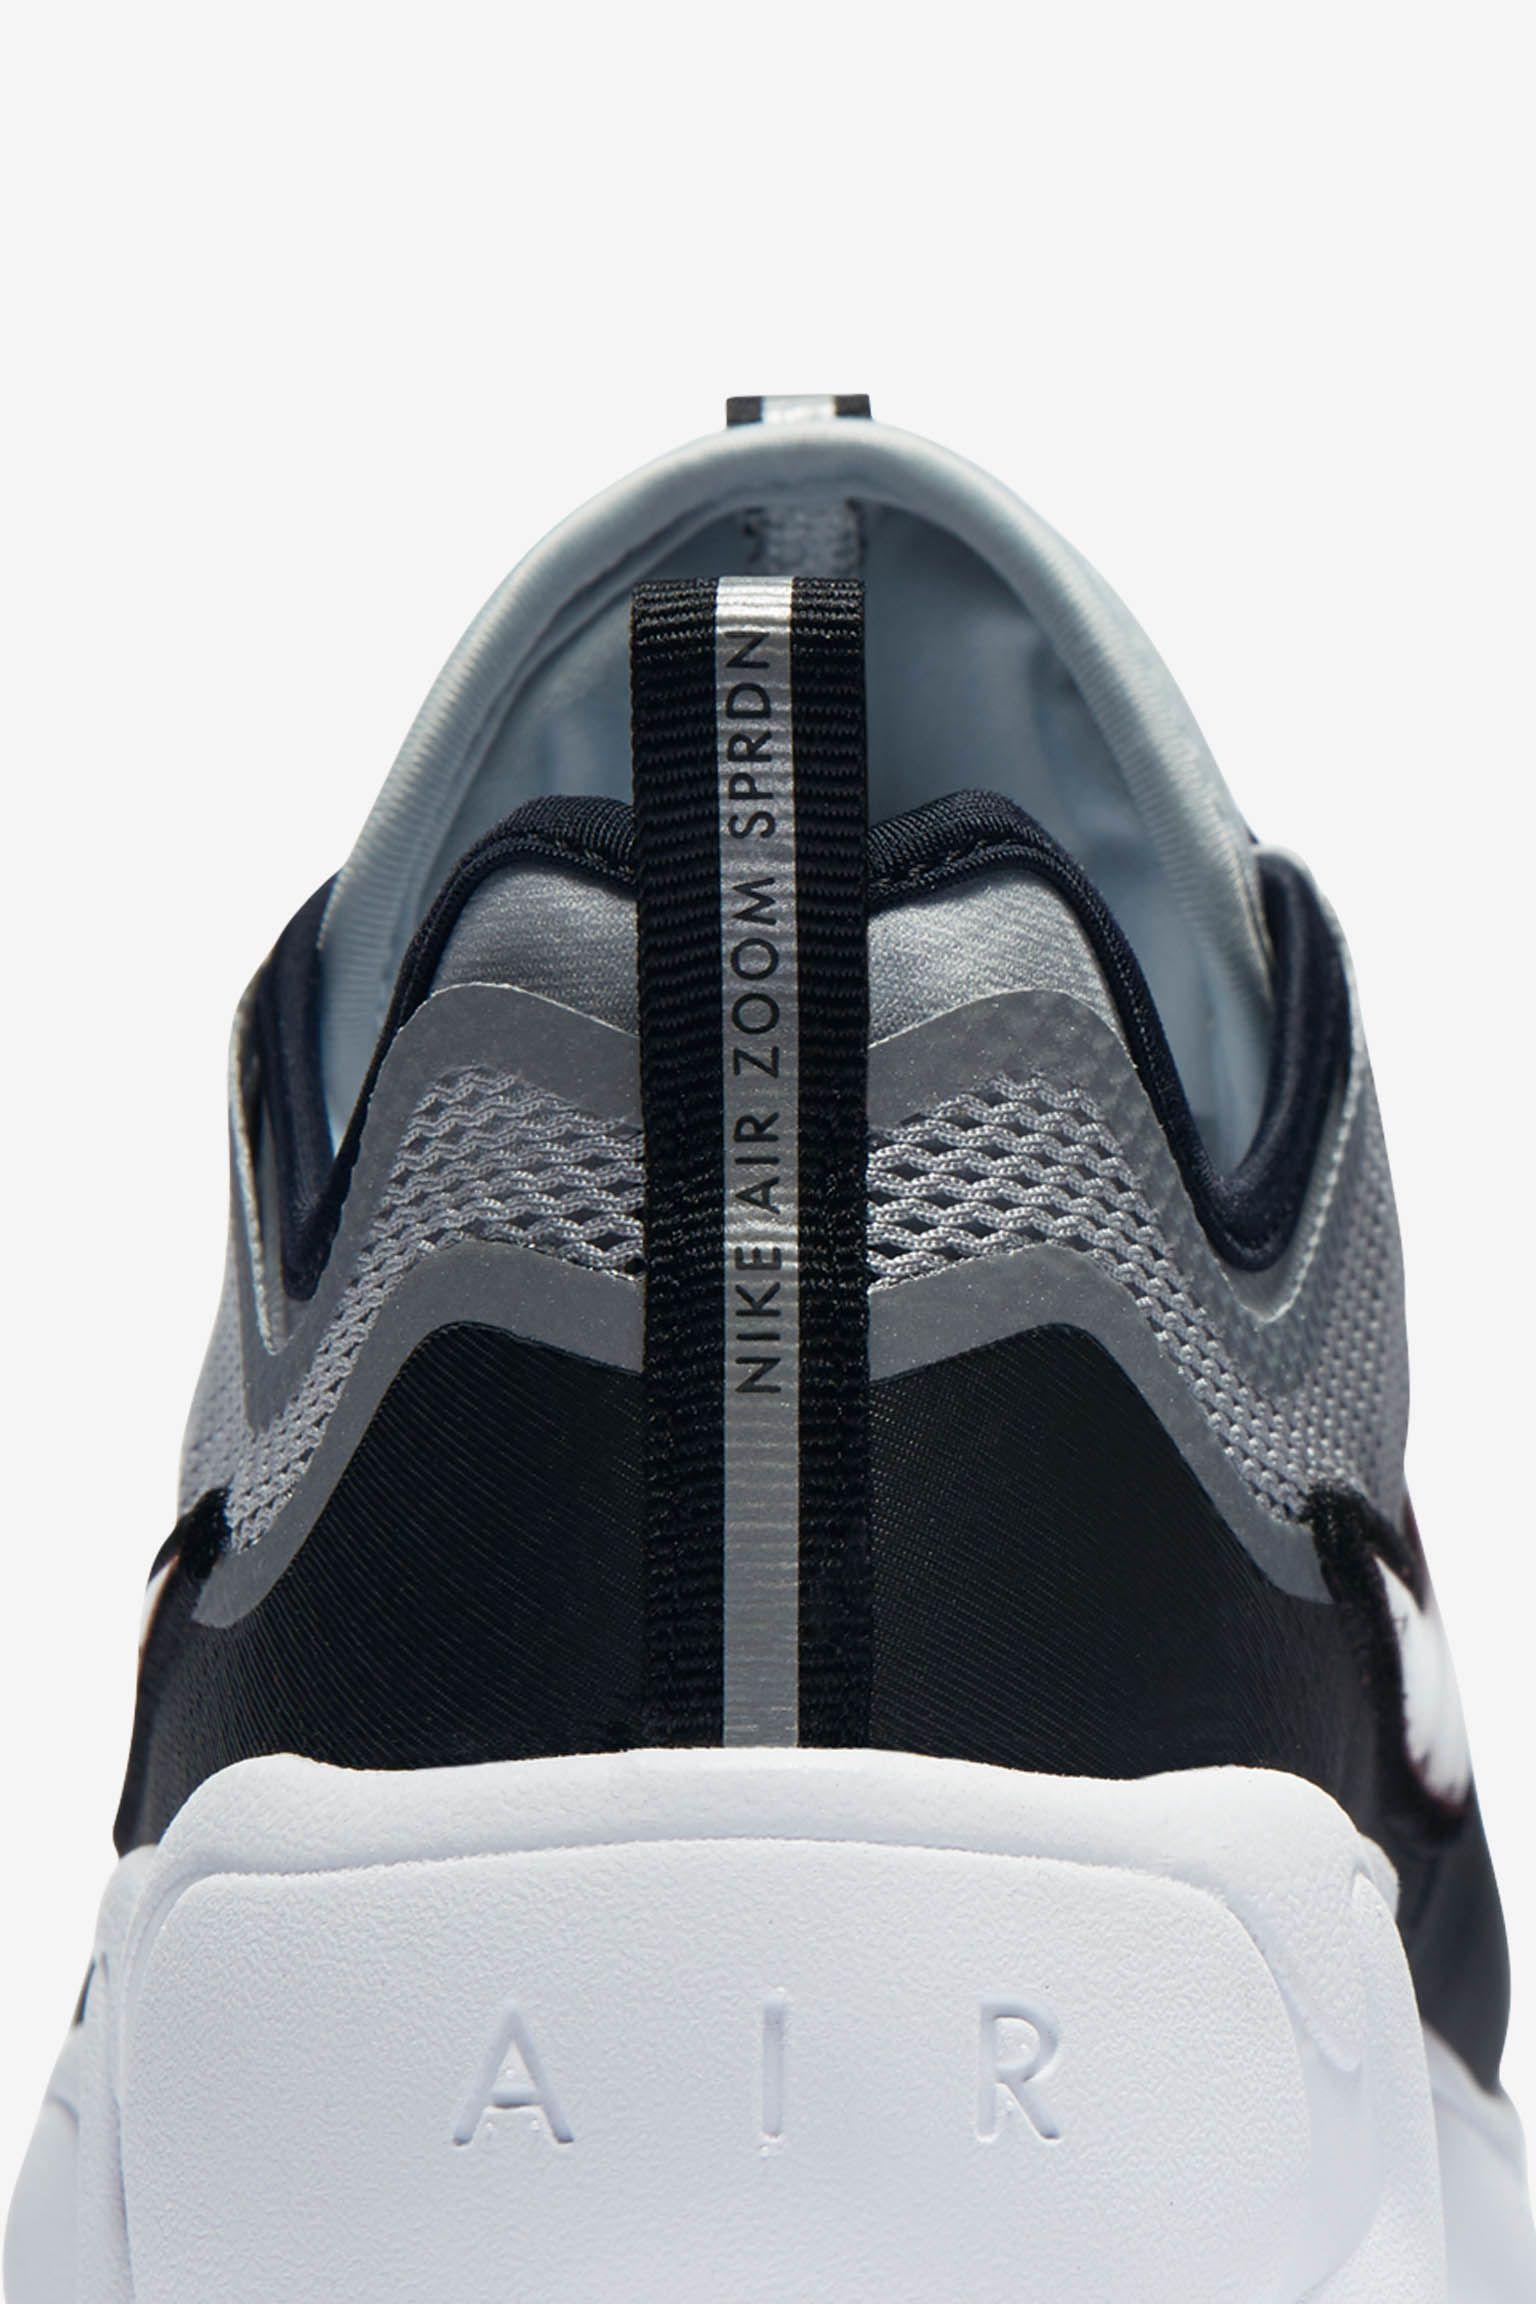 Nike Air Zoom Spiridon 'Metallic Silver & Black'